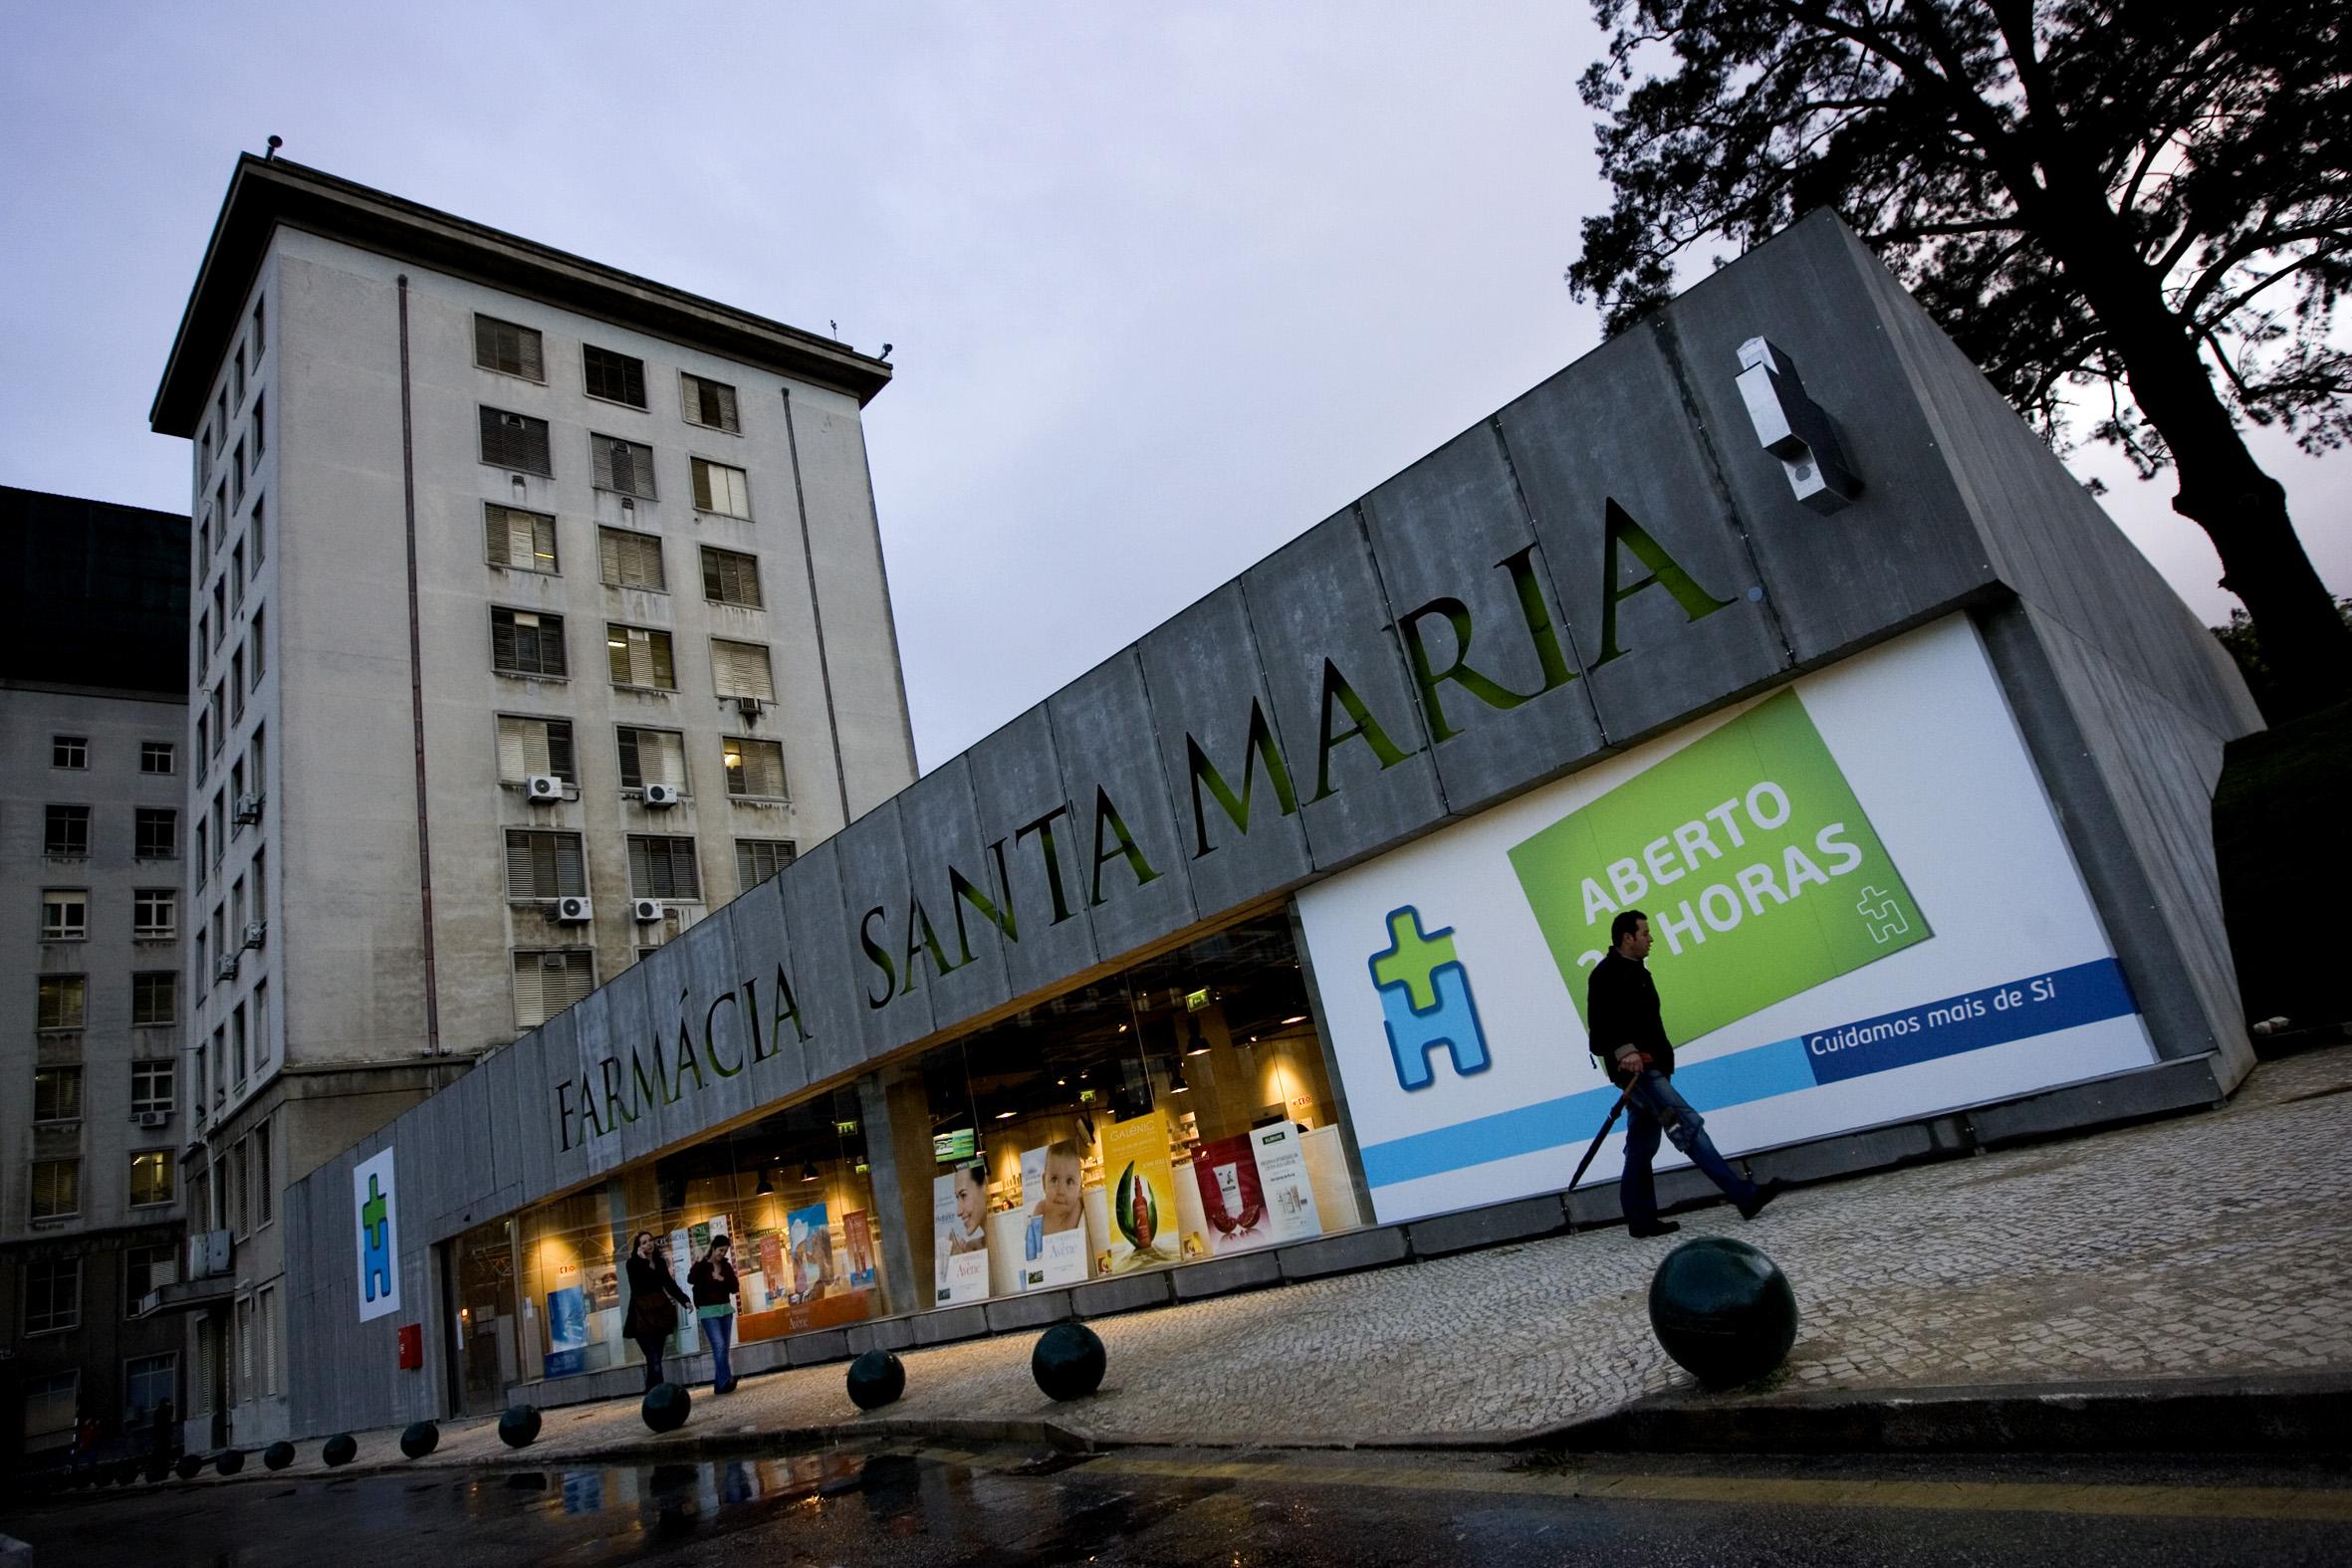 A farmácia de Santa Maria abriu em 2009 e nunca pagou rendas ao hospital, tendo uma dívida 8 milhões